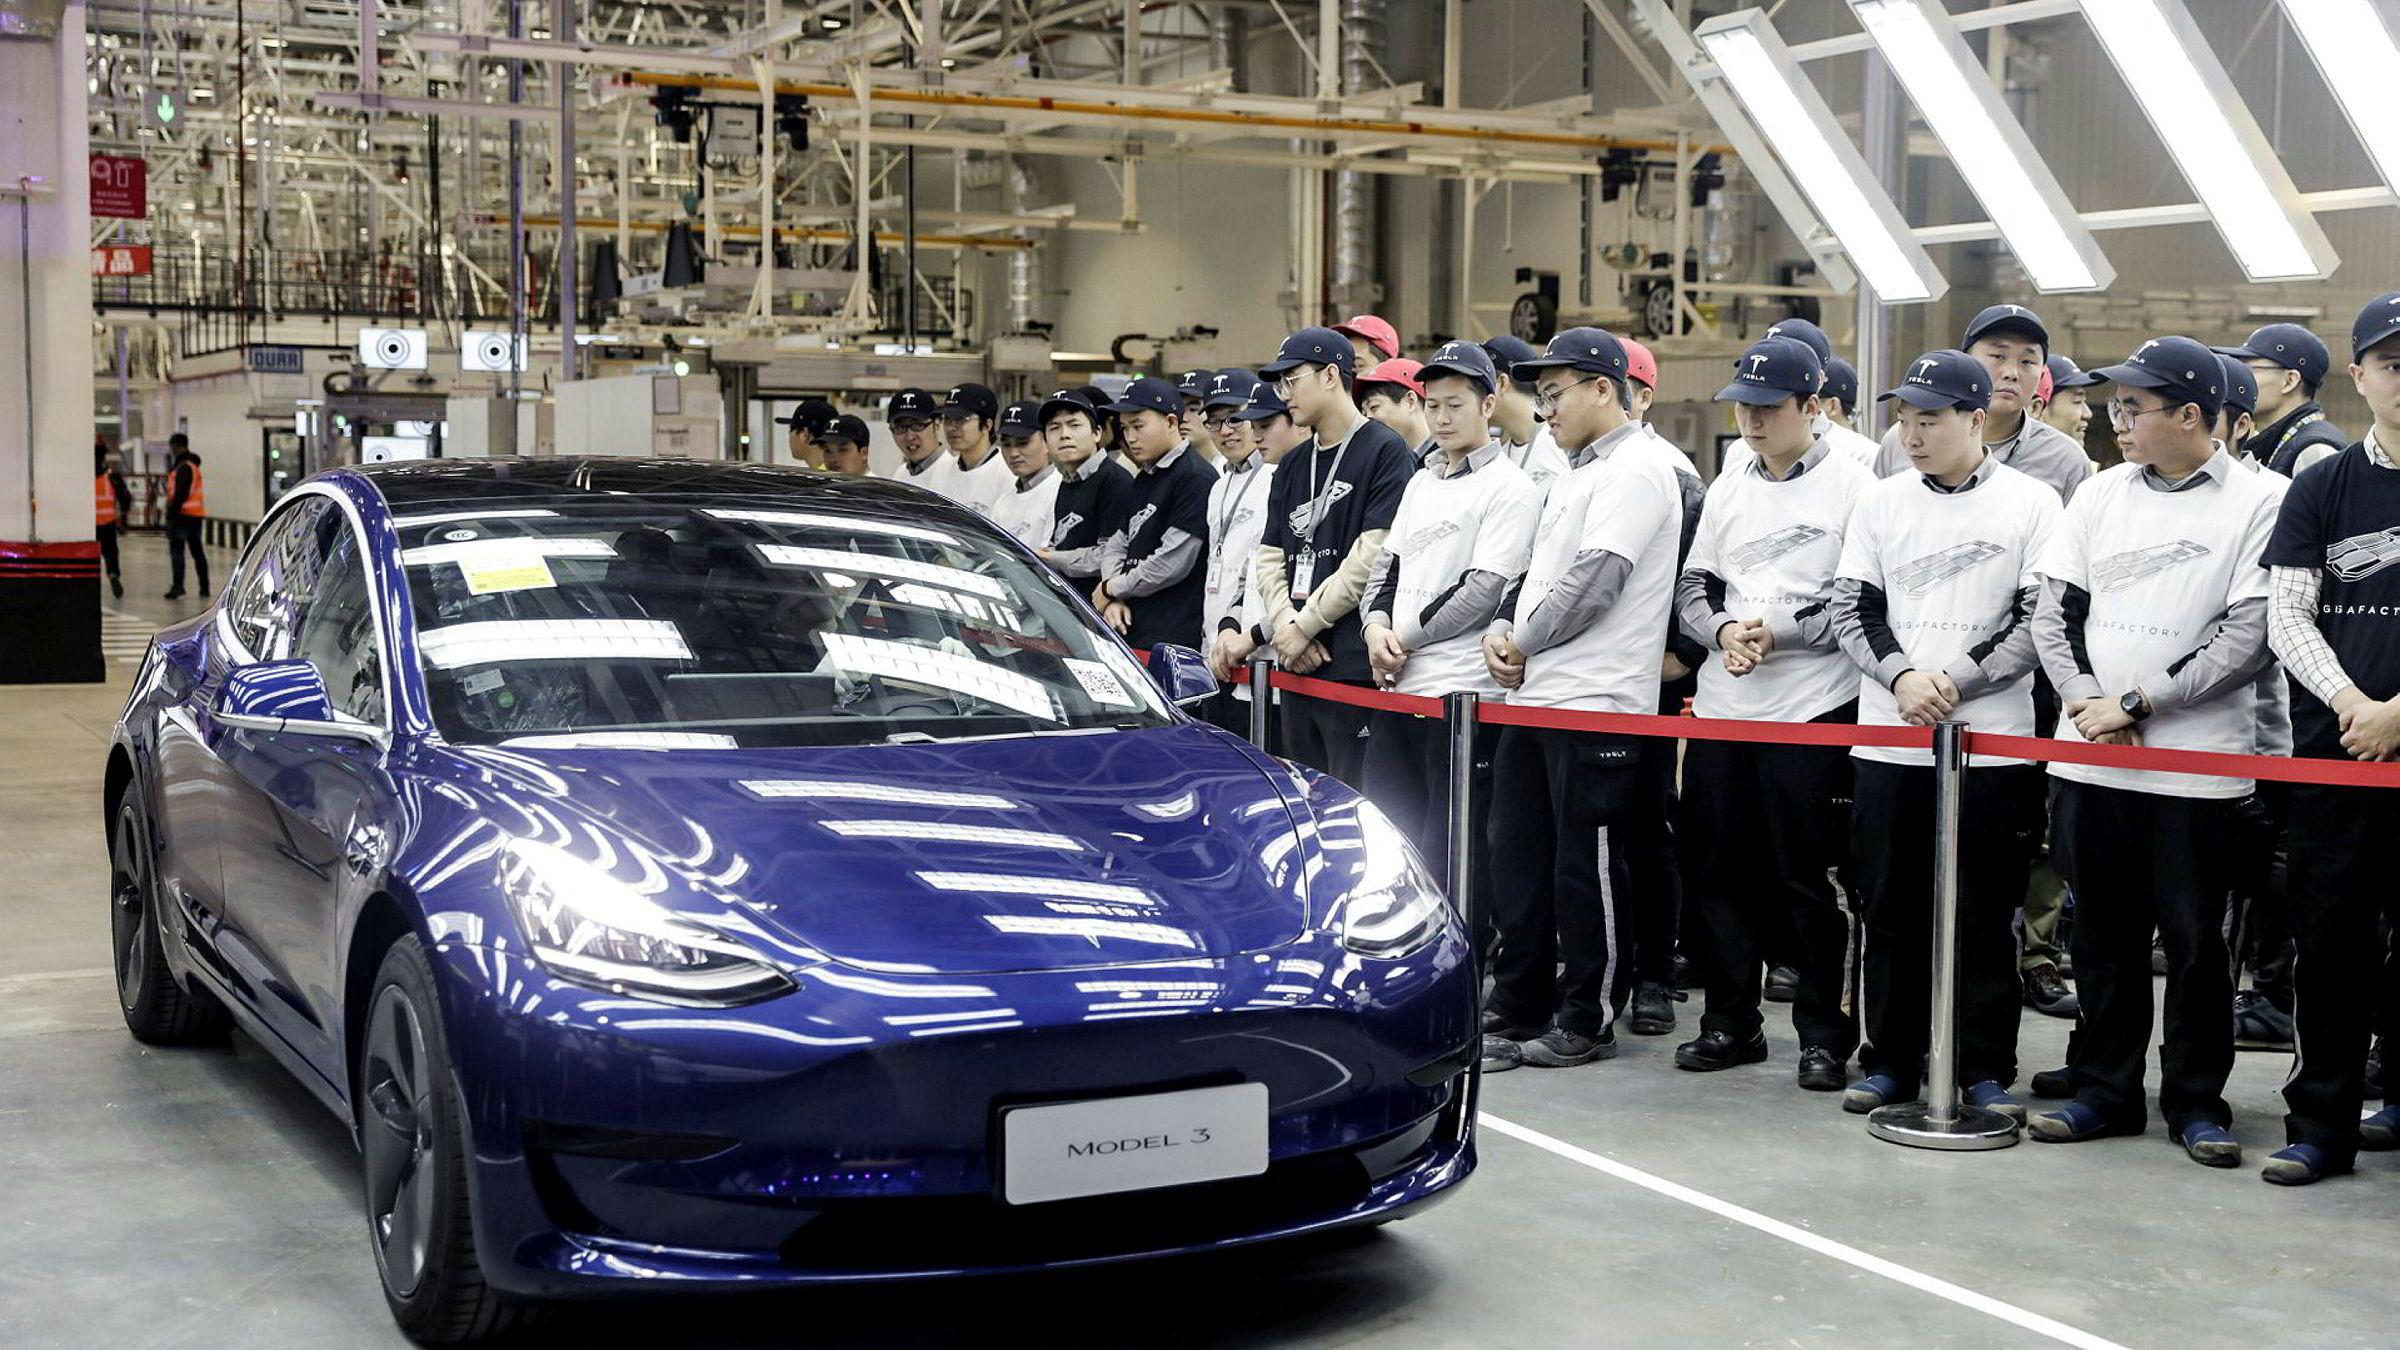 Her er den første Kina-produserte Tesla Model 3 på vei ut av Tesla sin kjempefabrikk i Shanghai.